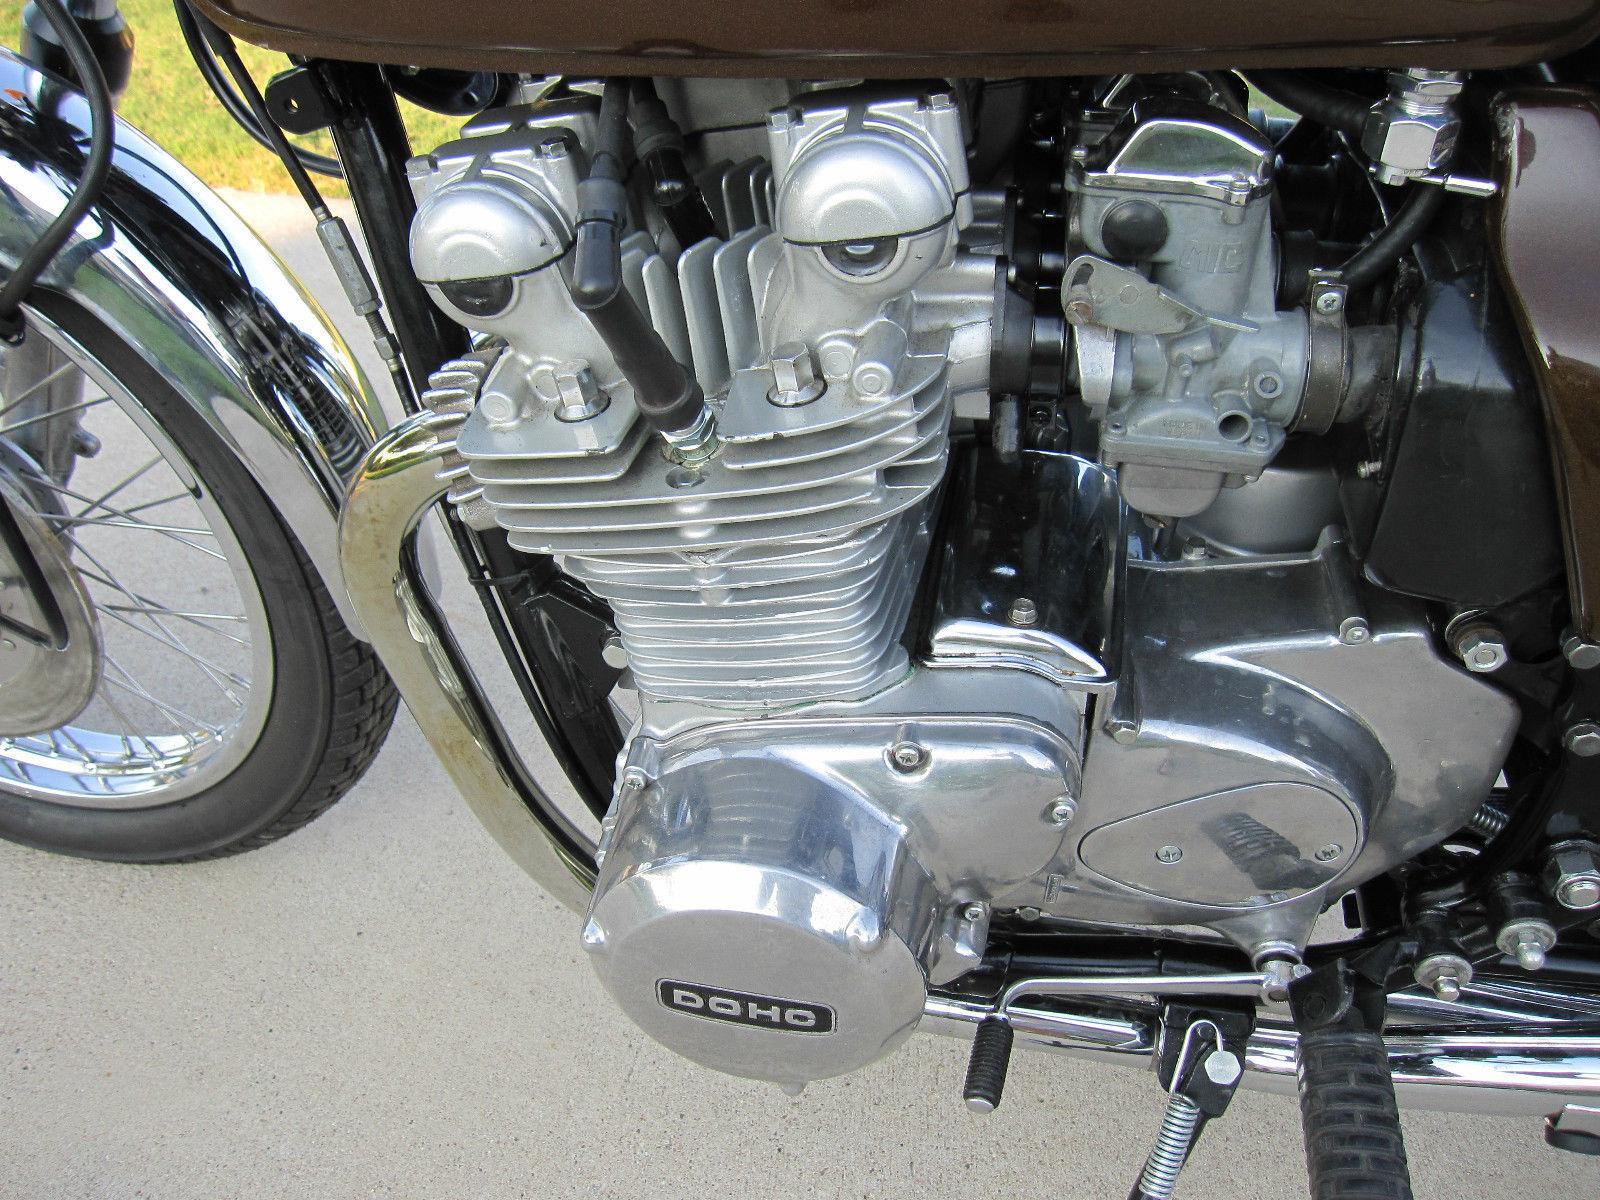 Kawasaki KZ900 - 1976 - Engine Detail, Alternator Cover, Starter Motor Cover and Header.